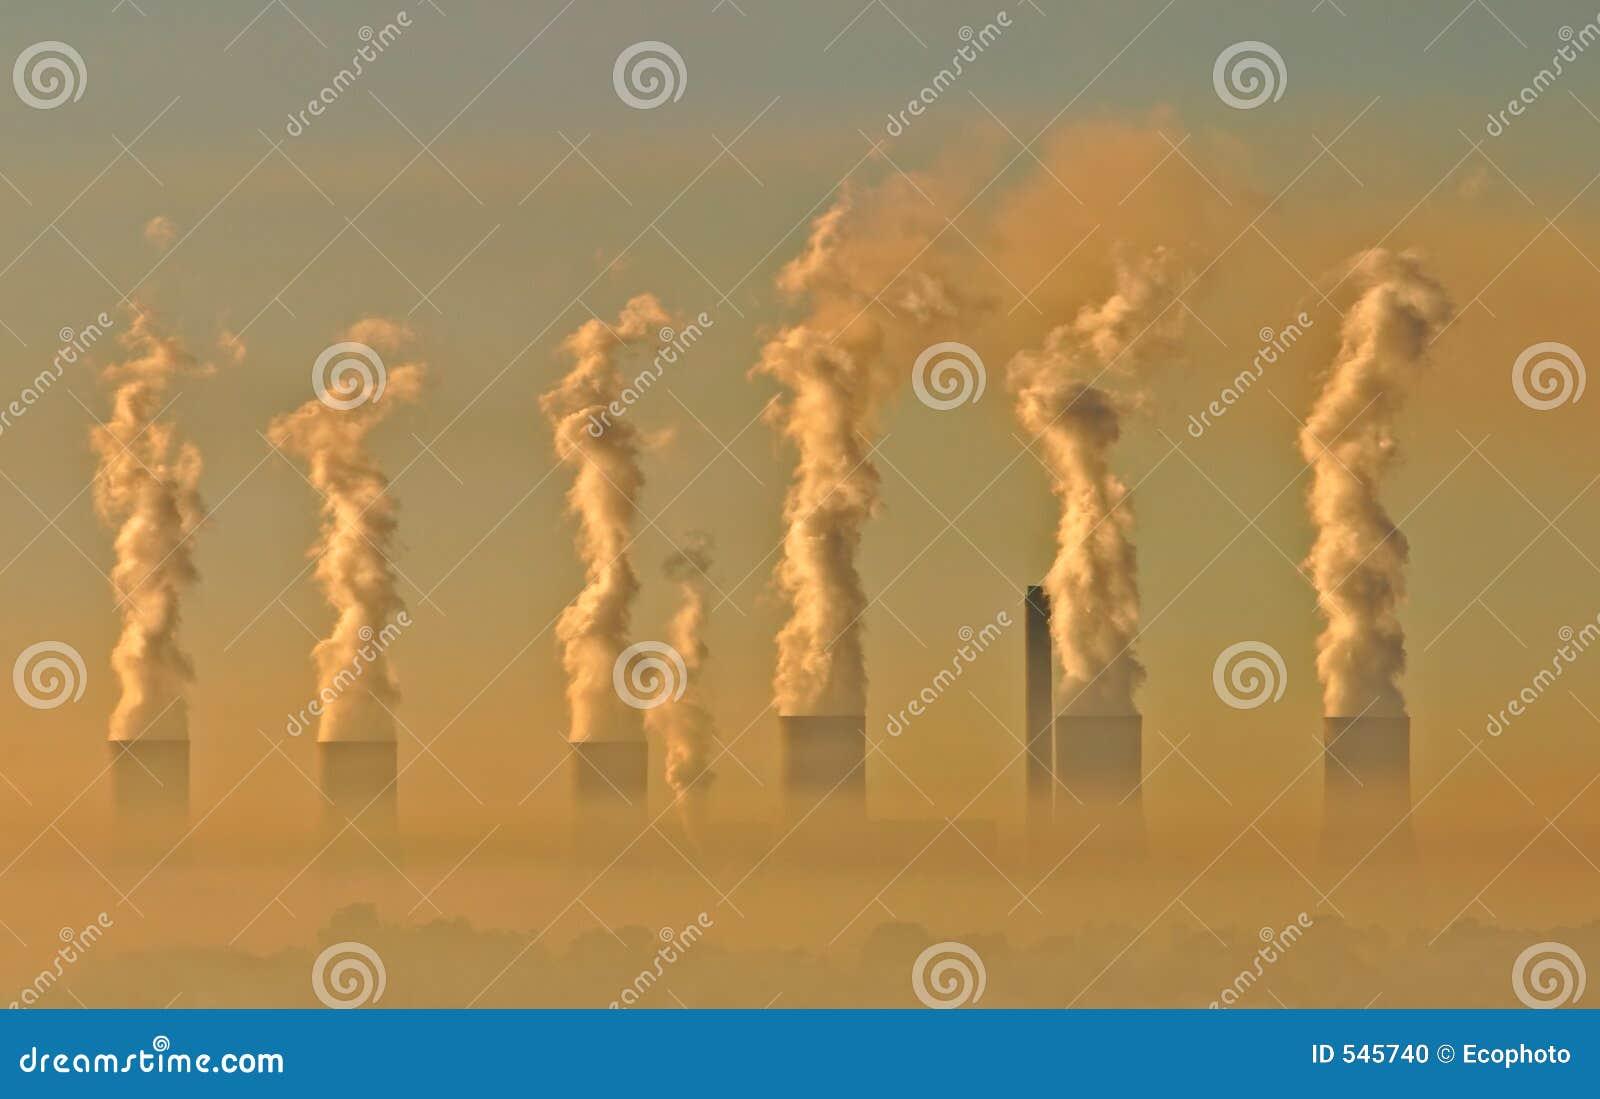 Poluição atmosférica industrial